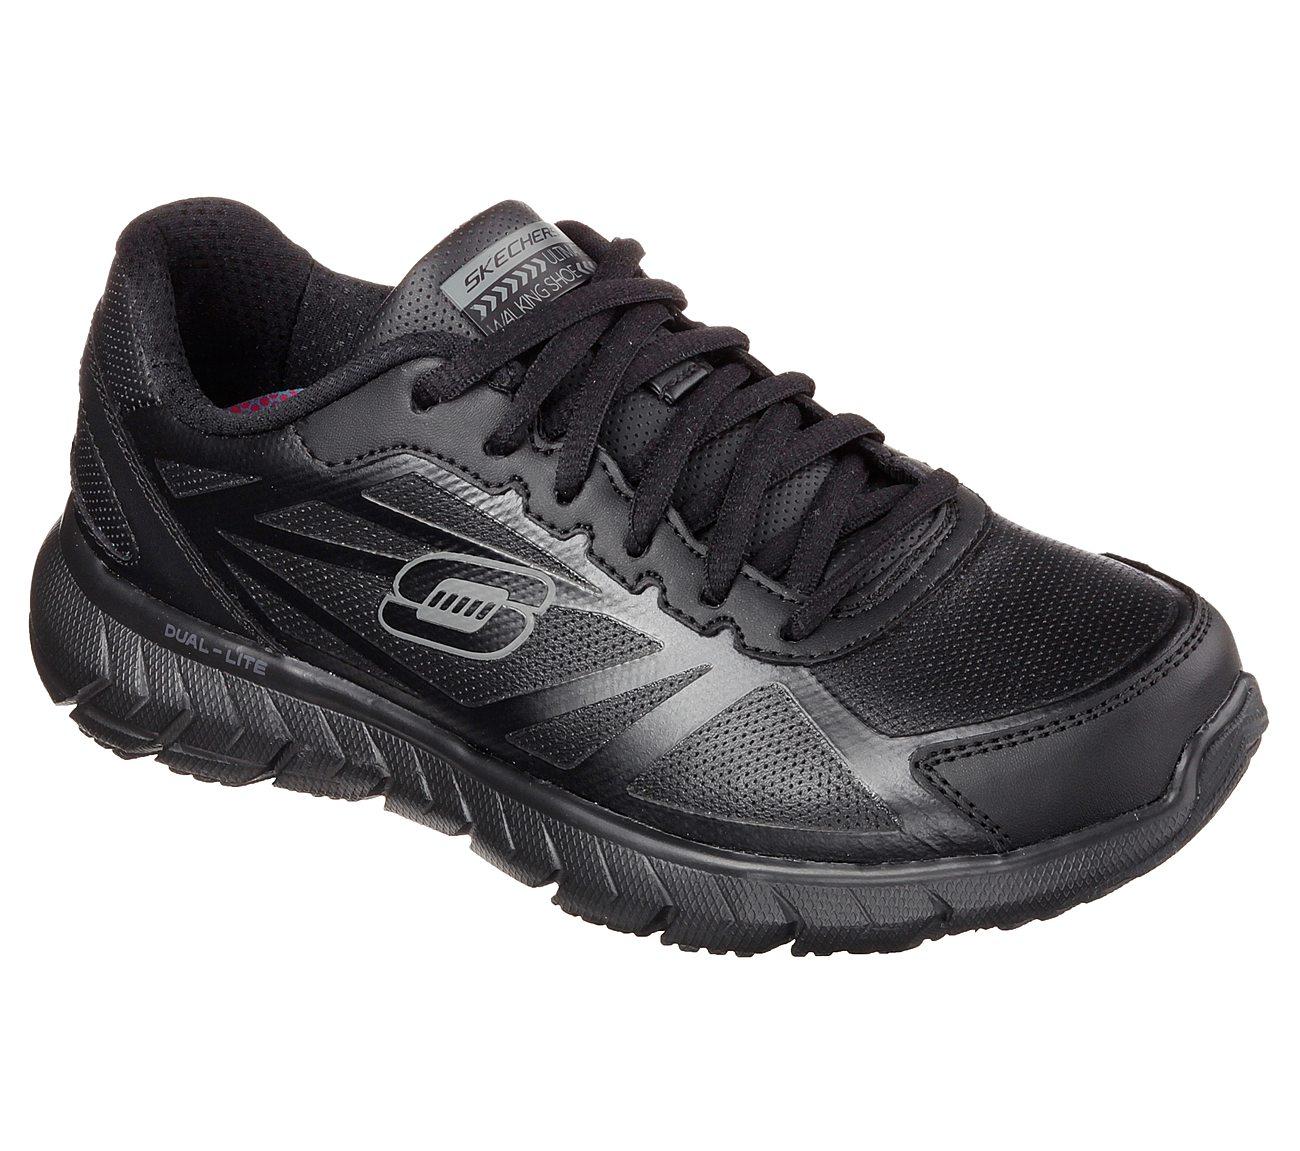 Skechers Women's SOLEUS Lightweight Comfort Walking Shoes [158Q]